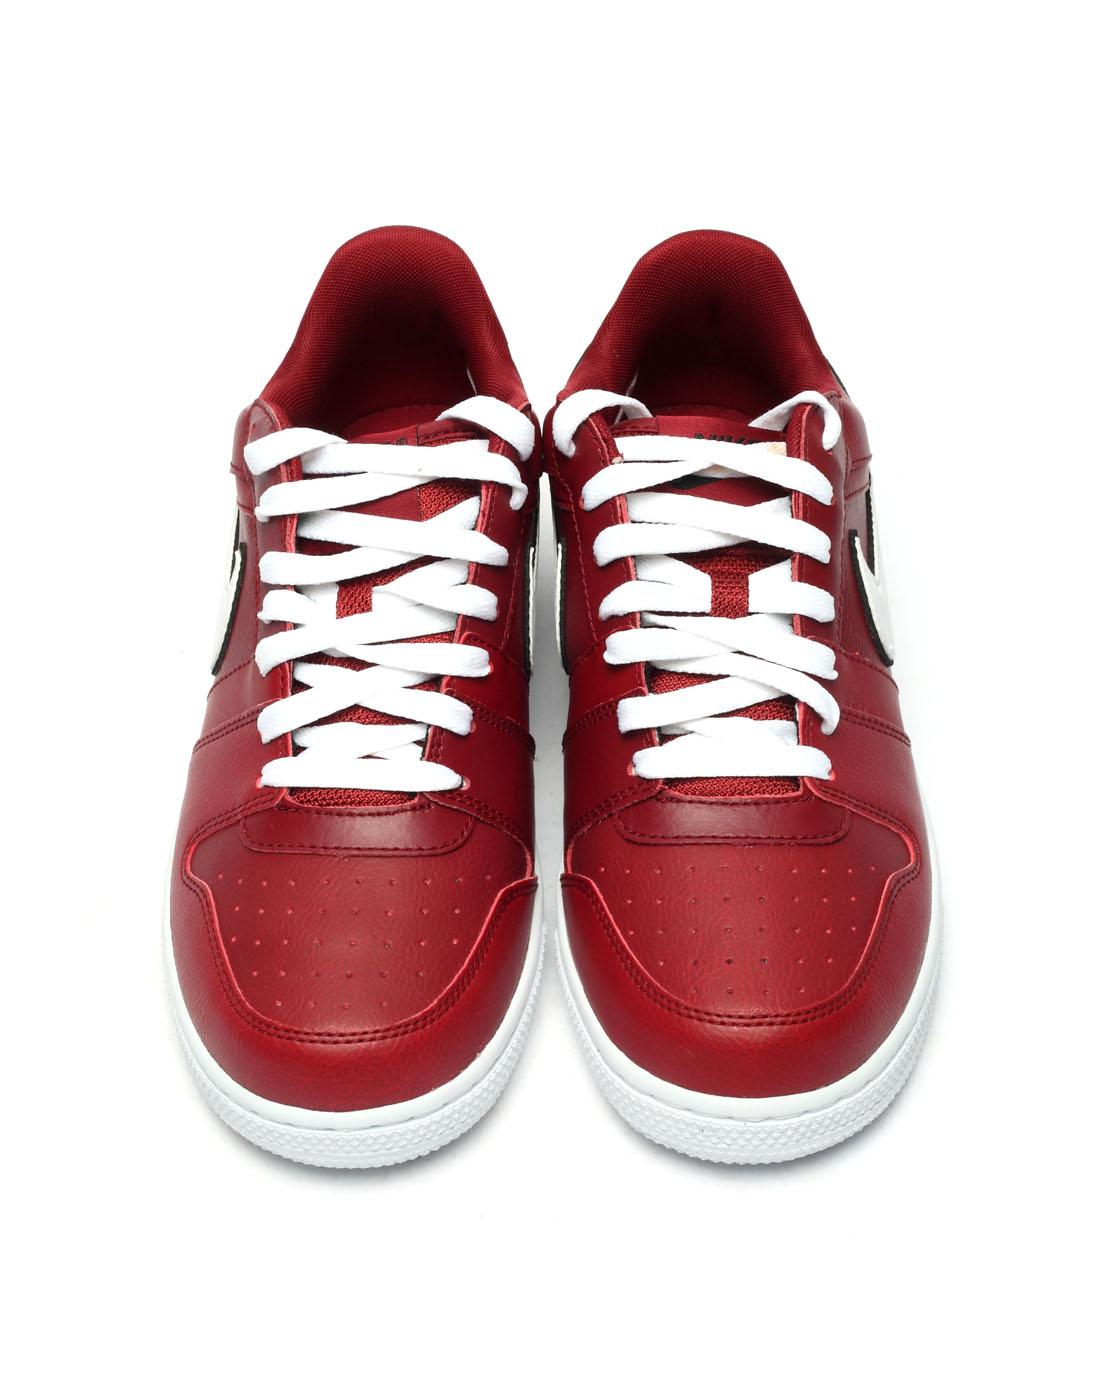 耐克nike-男子红色复古鞋432161-600